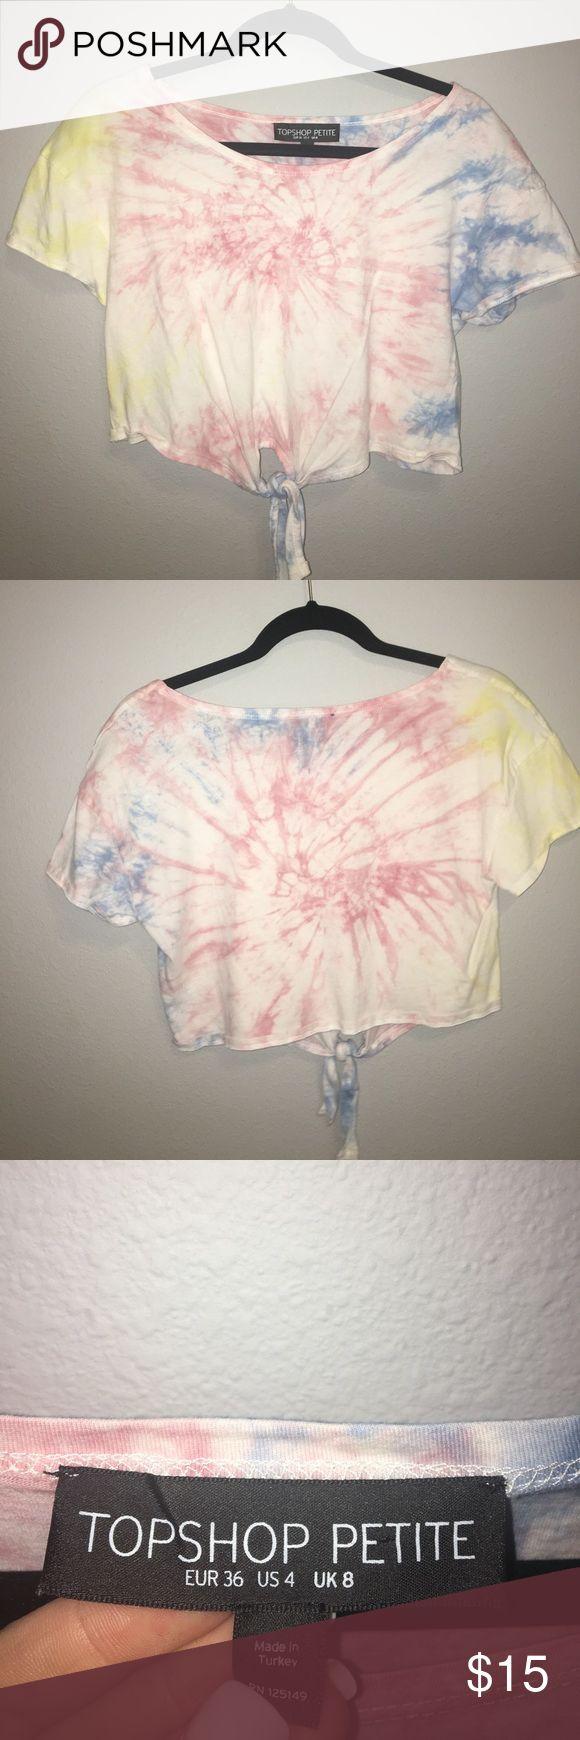 Topshop Petite Crop Top tie dye crop top with knot Topshop PETITE Tops Crop Tops